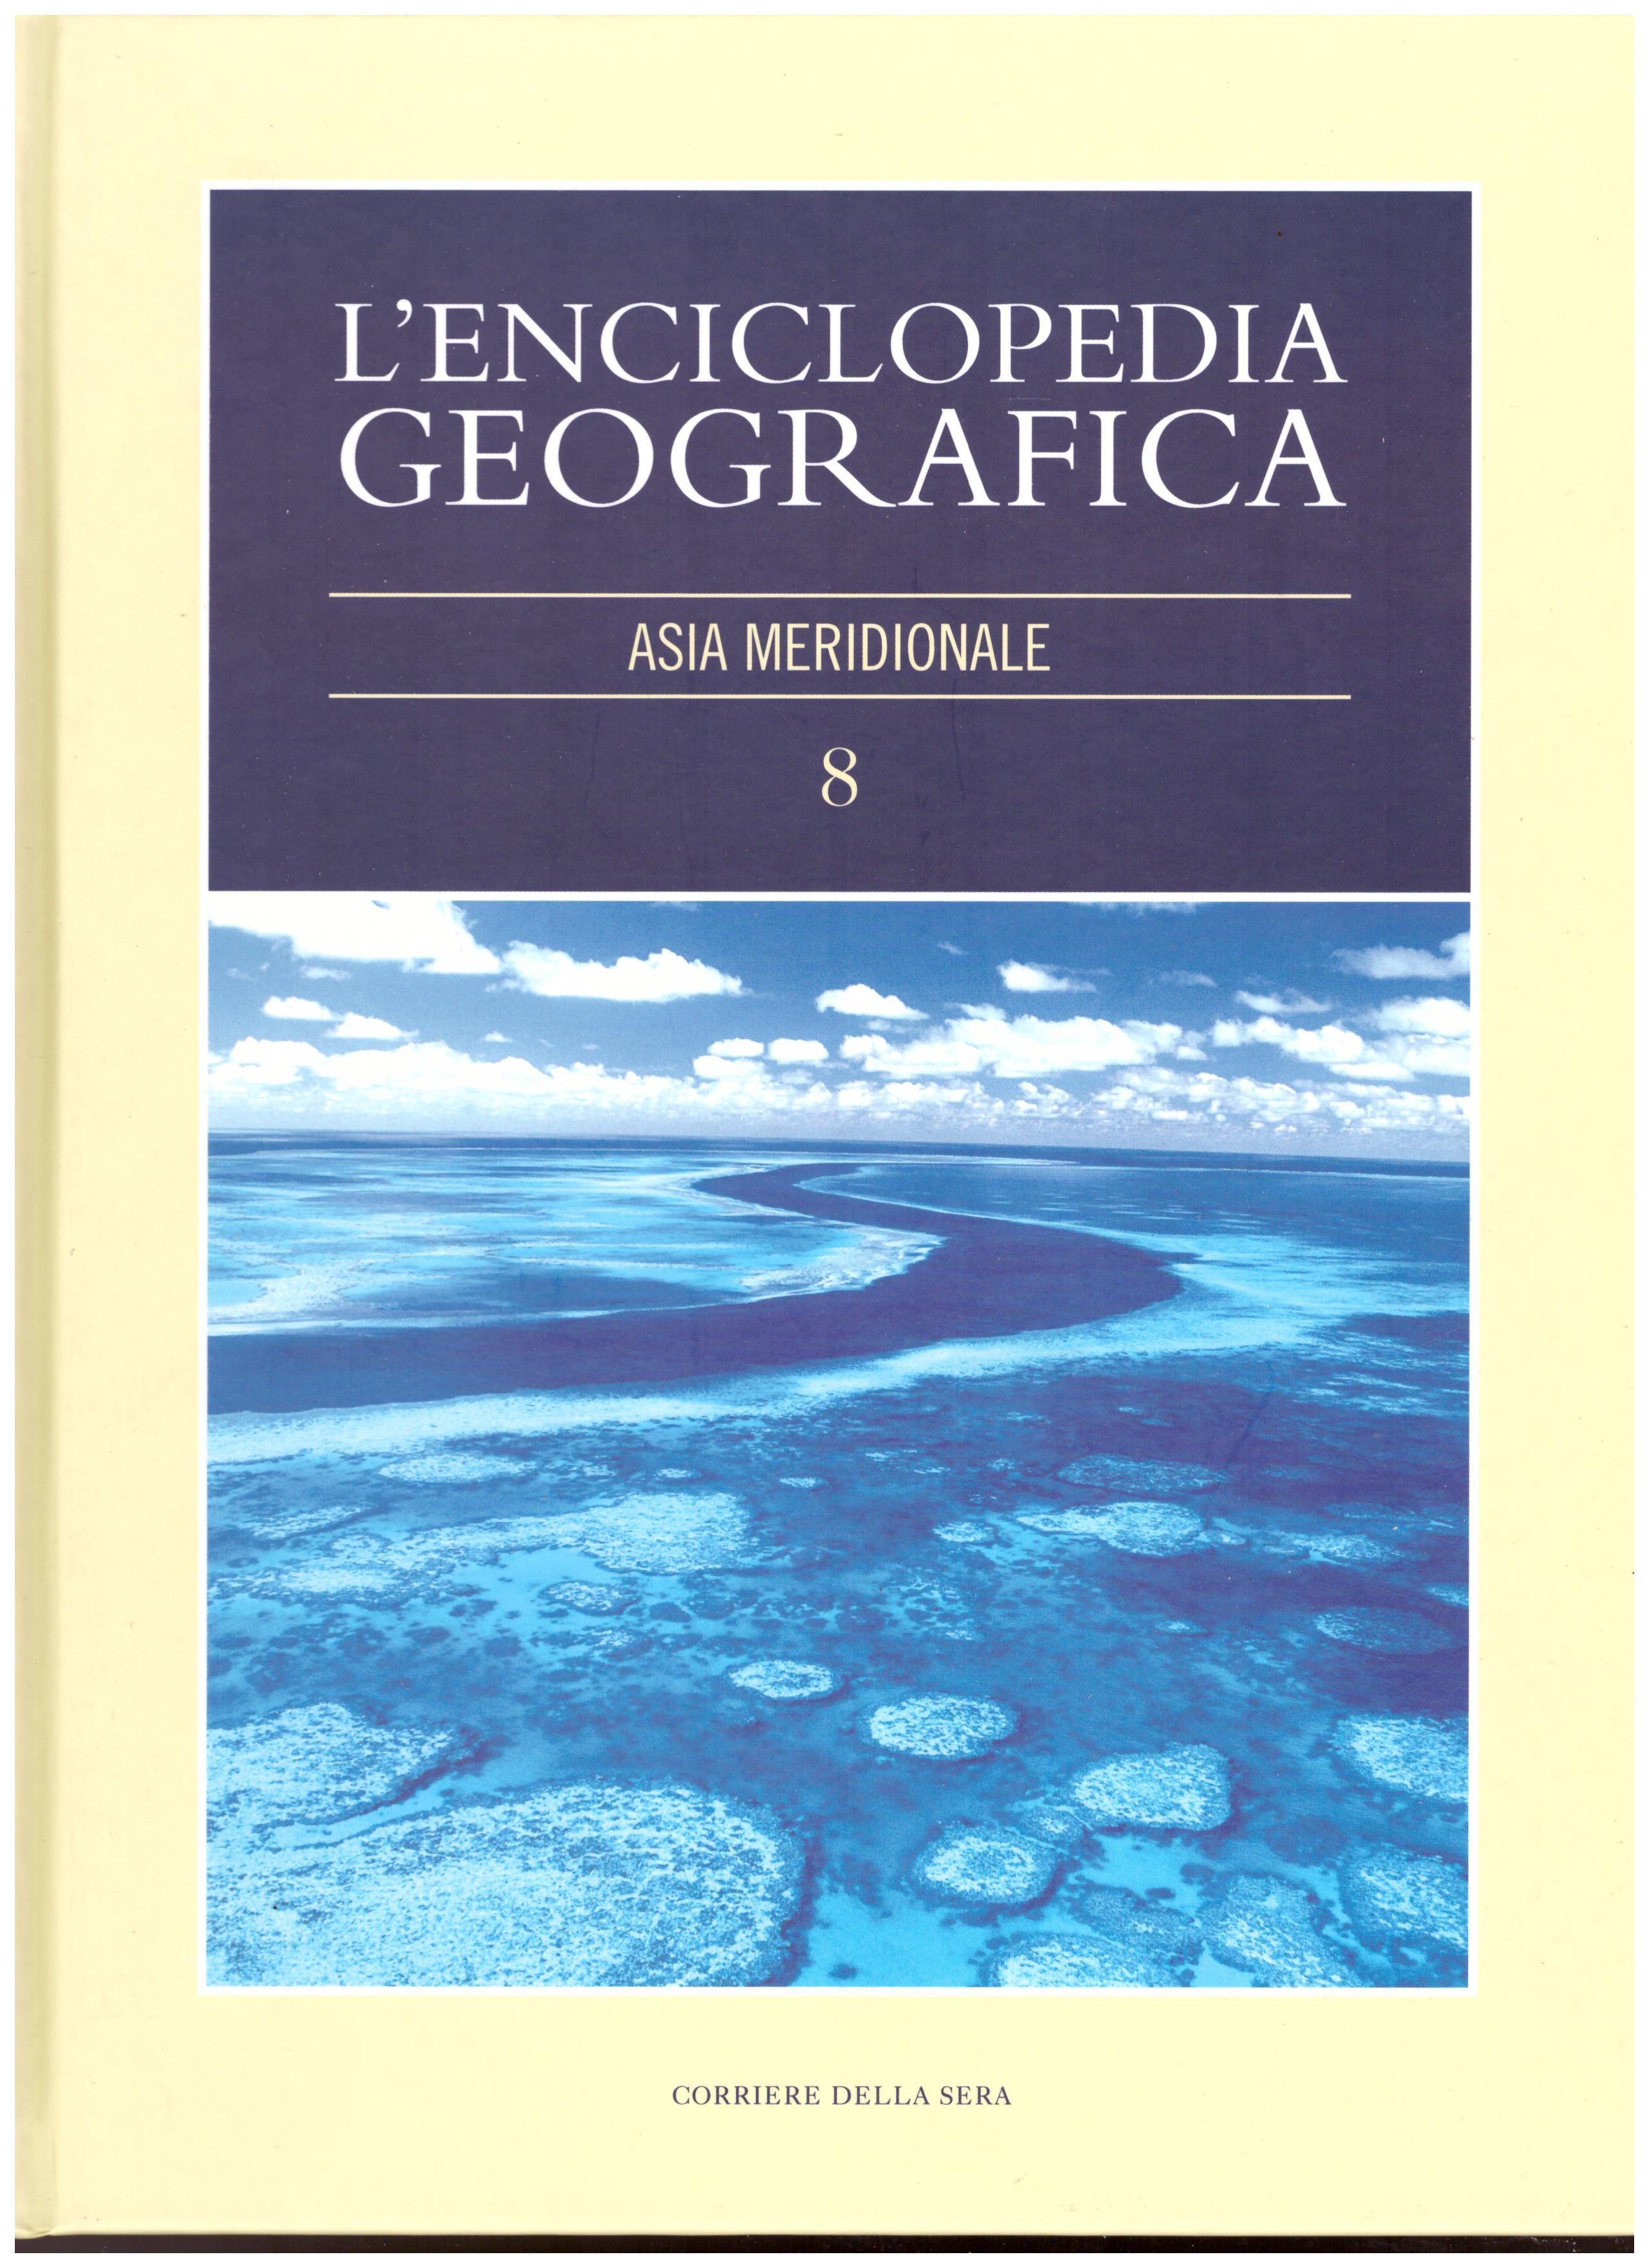 Titolo: L'enciclopedia della geografia, n.8 Asia meridionale Autore : AA.VV.  Editore: corriere della sera